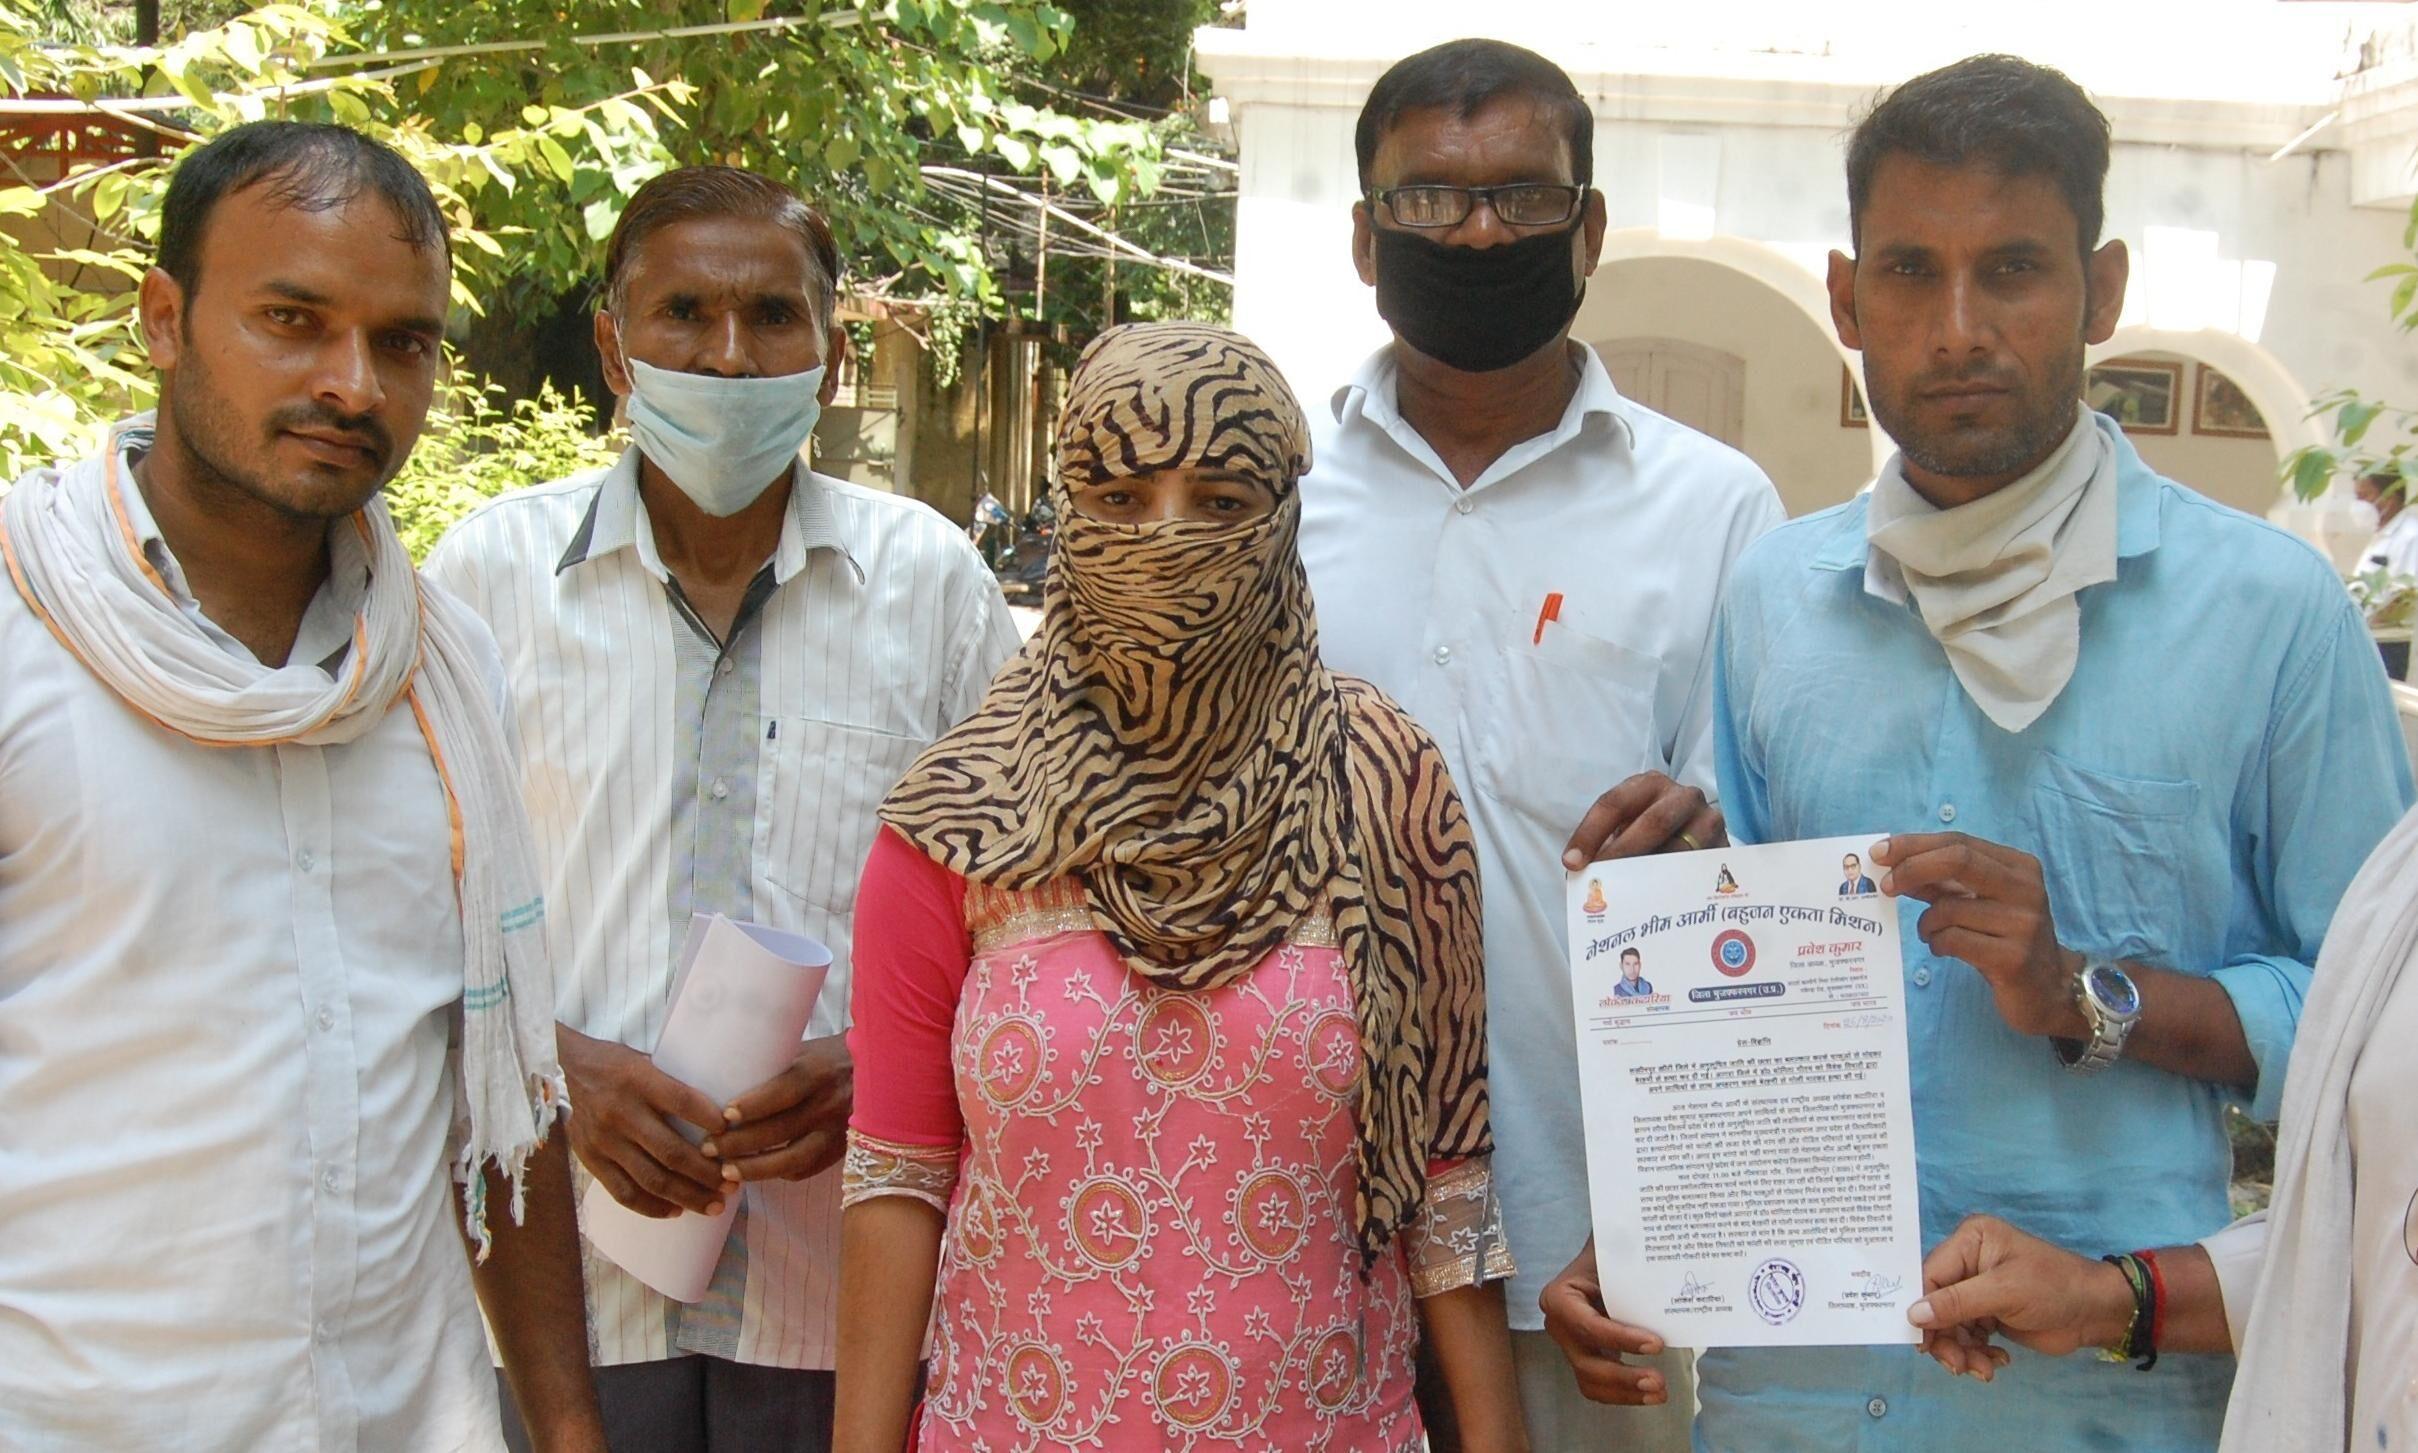 लखीमपुर खीरी में छात्रा की रेप के बाद हत्या से दलितों में रोष, नेशनल भीम आर्मी ने कलेक्ट्रेट में किया प्रदर्शन